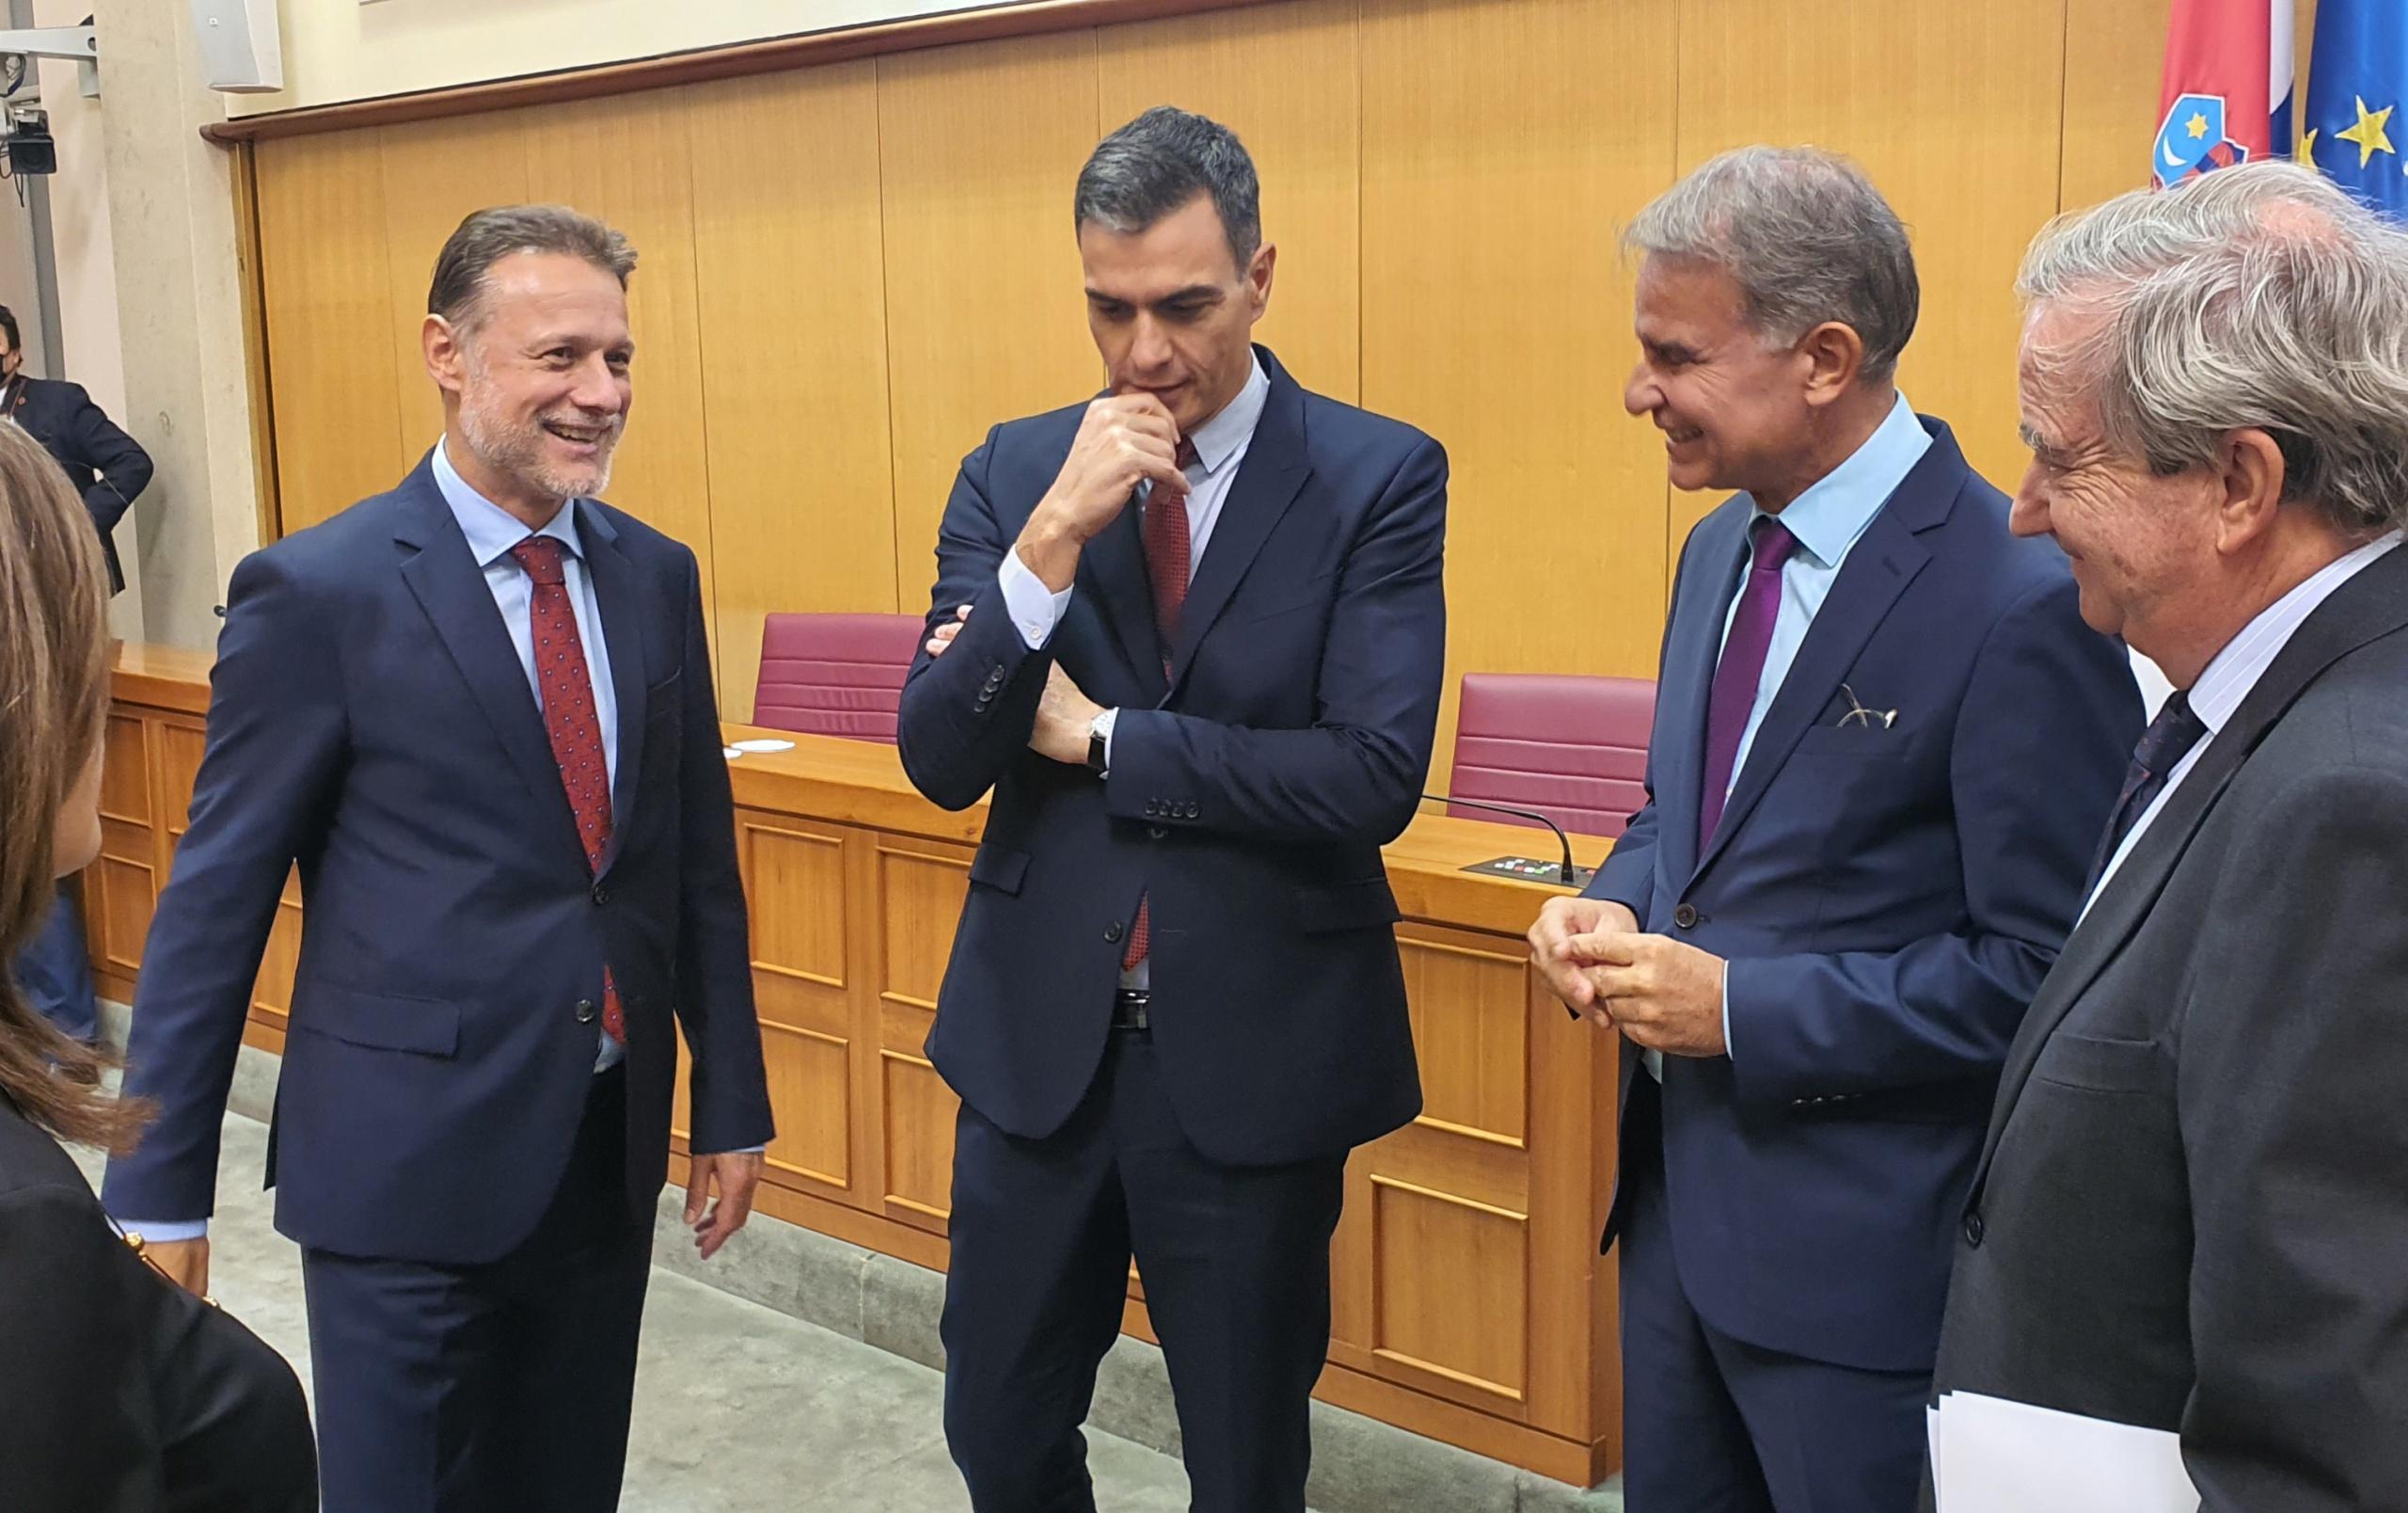 Predsjednik Hrvatskoga sabora Gordan Jandroković primio je u službeni posjet predsjednika Vlade Kraljevine Španjolske Pedra Sáncheza